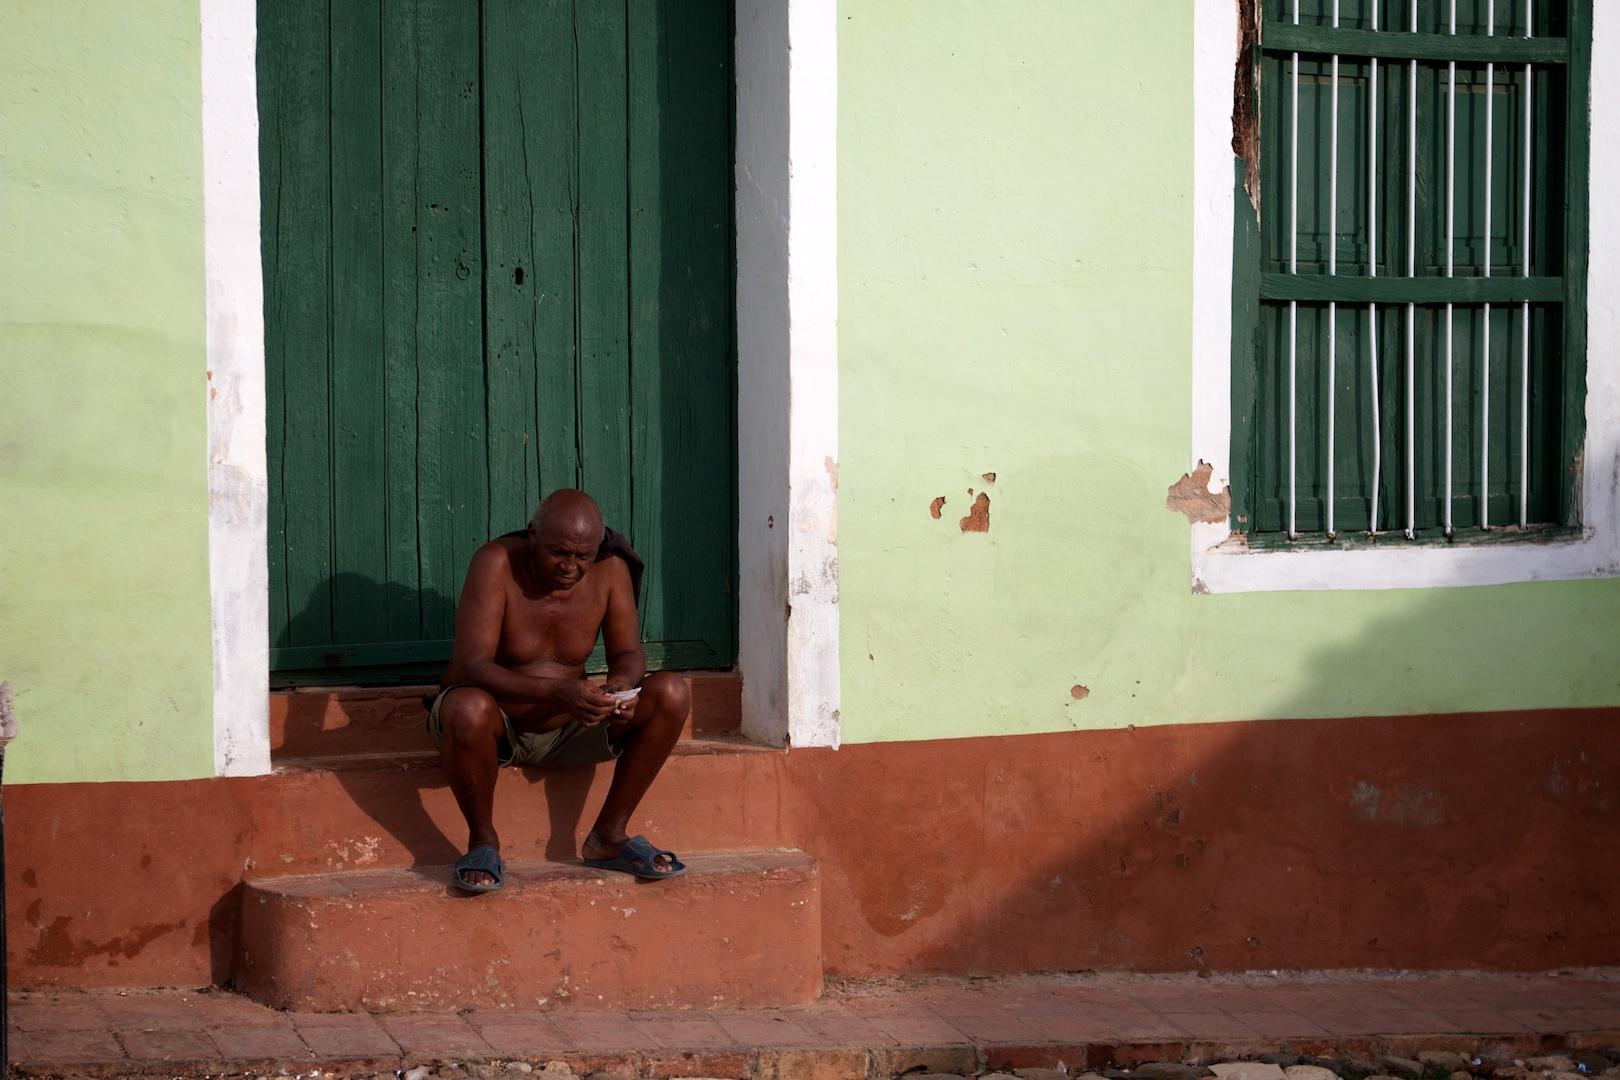 Cuba_20151130 088.jpg